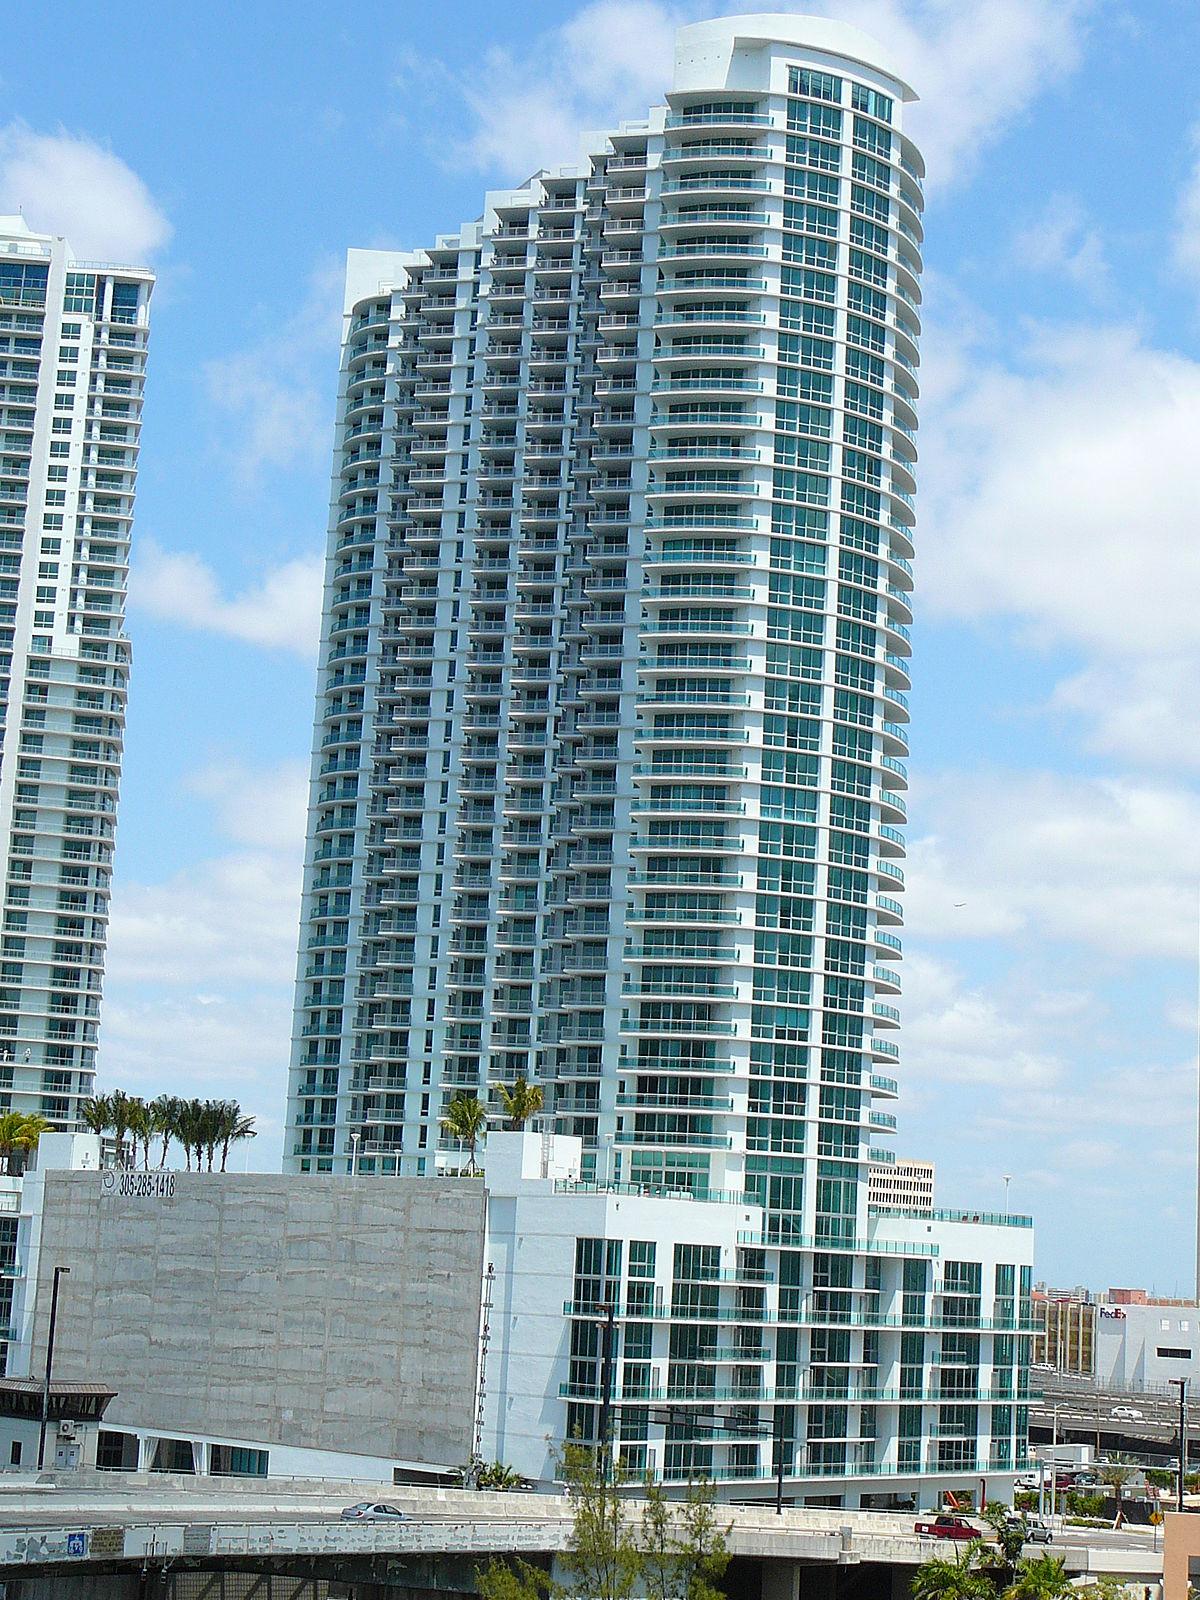 Wind Miami  Wikipedia